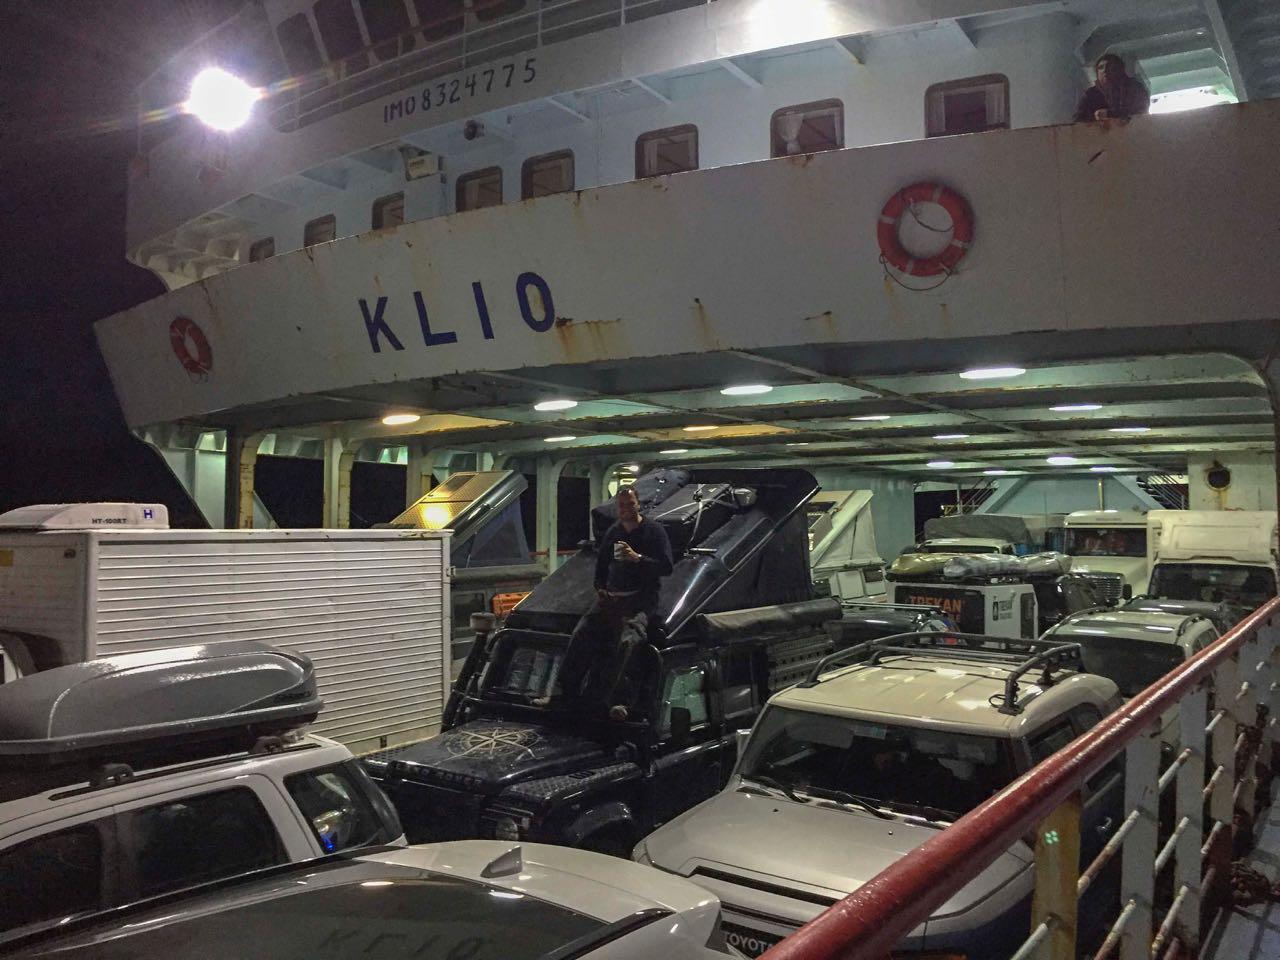 Mitten im Laderaum der Fähre stehen drei Reisefahrzeuge mit aufgestelltem Dach.